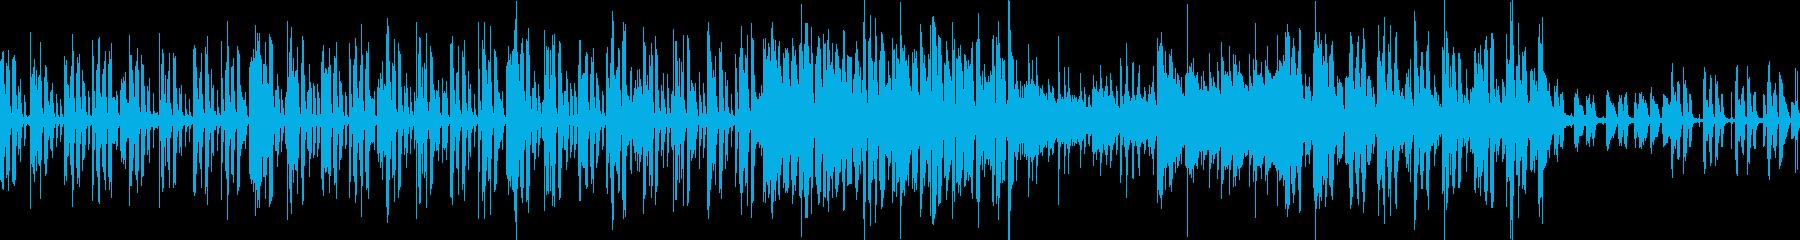 チャイムをアレンジした音を入れたポップスの再生済みの波形